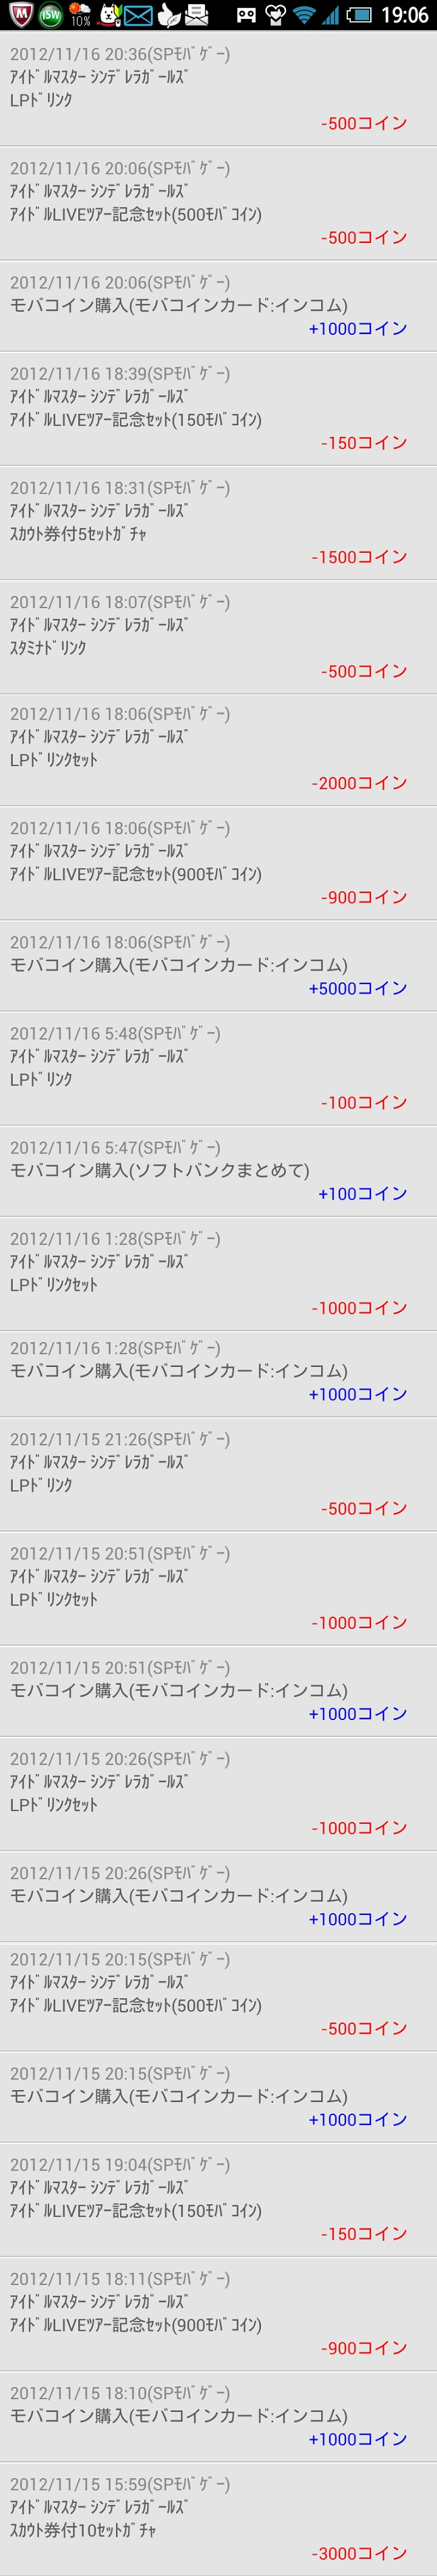 2012-12-29-19-06-31.jpg